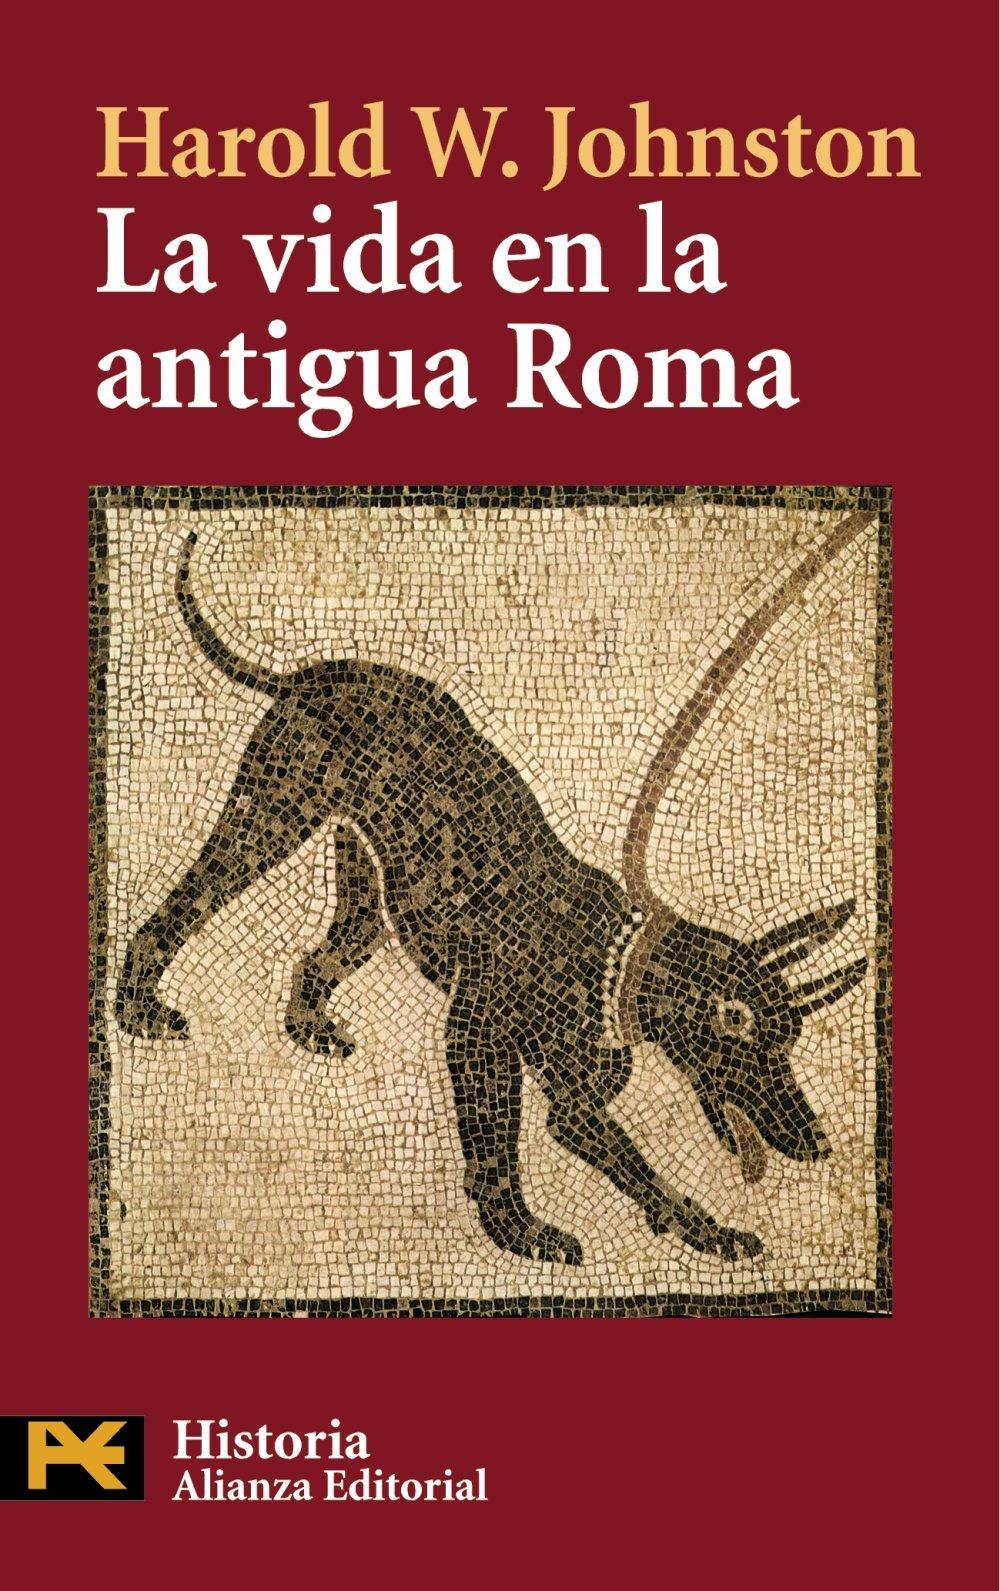 La vida en la antigua Roma (El Libro De Bolsillo - Historia) Tapa blanda – 10 may 2010 Harold Whetstone Johnston Joaquín Pastor Saco Alianza 8420649821